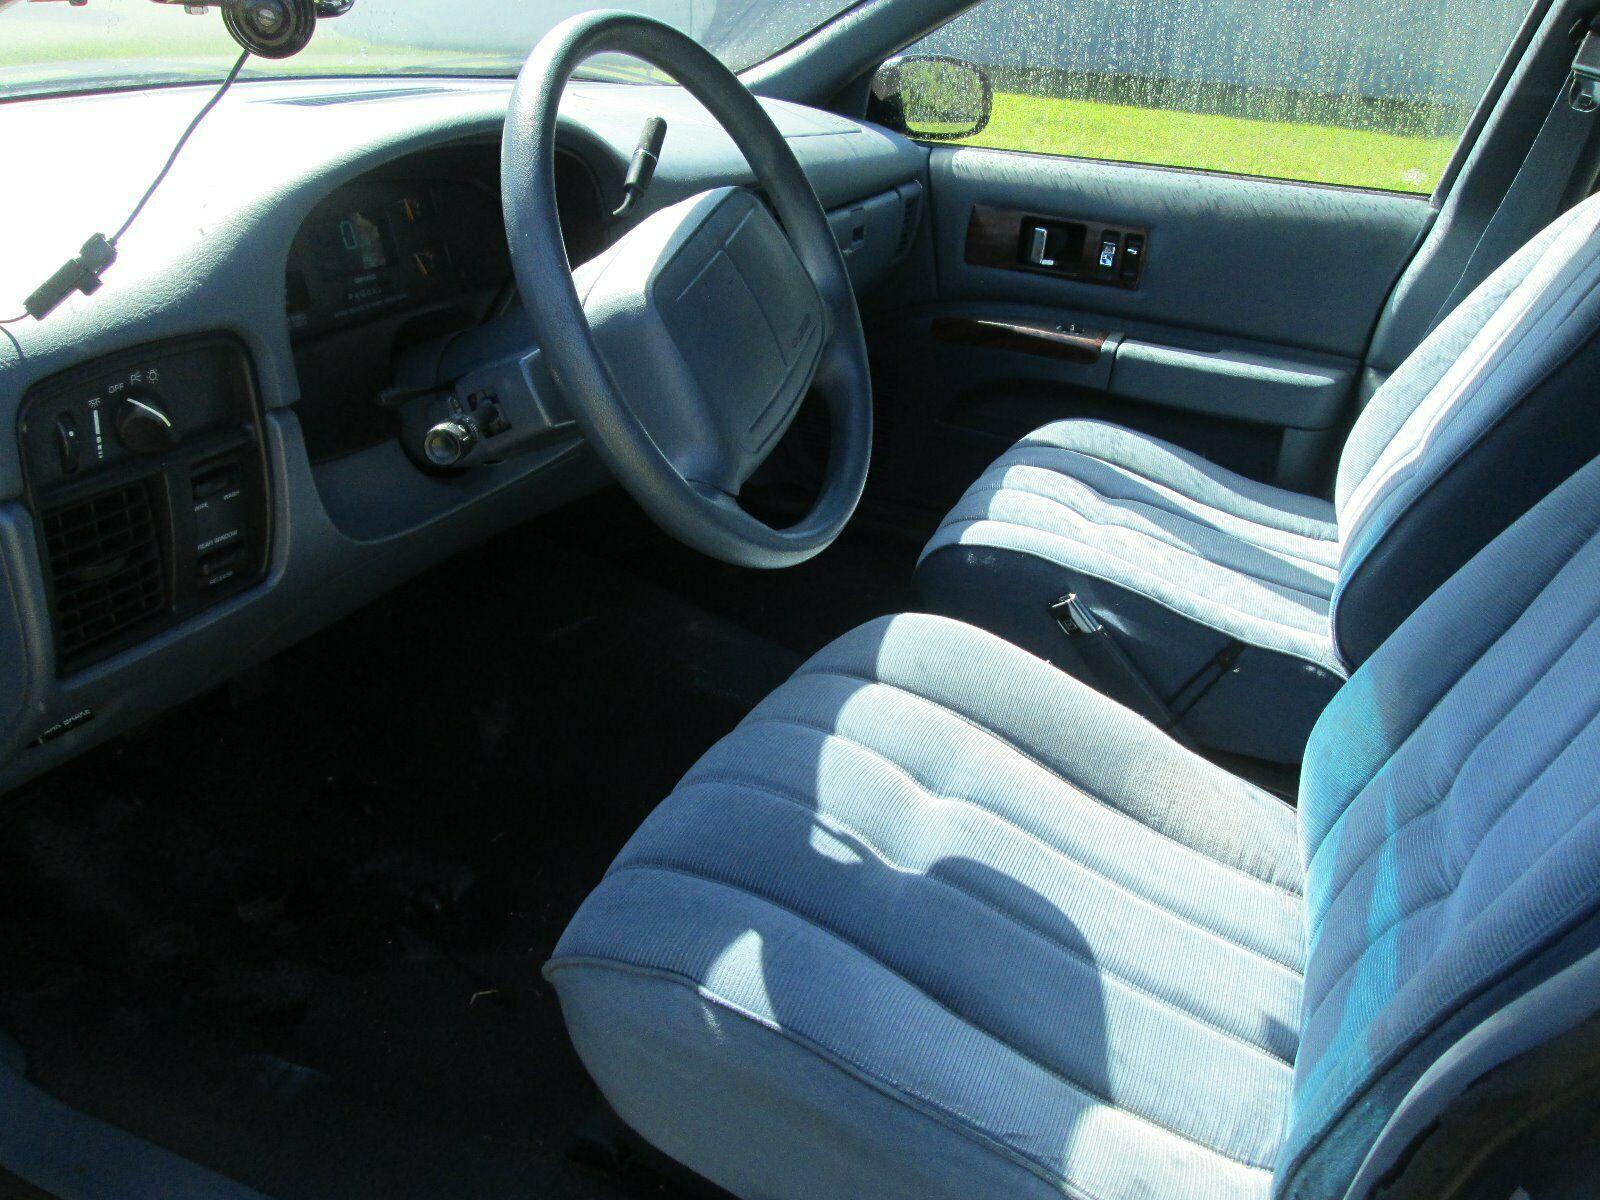 1a2 coprice 1995 chevrolet caprice wagon dailyturismo 1a2 coprice 1995 chevrolet caprice